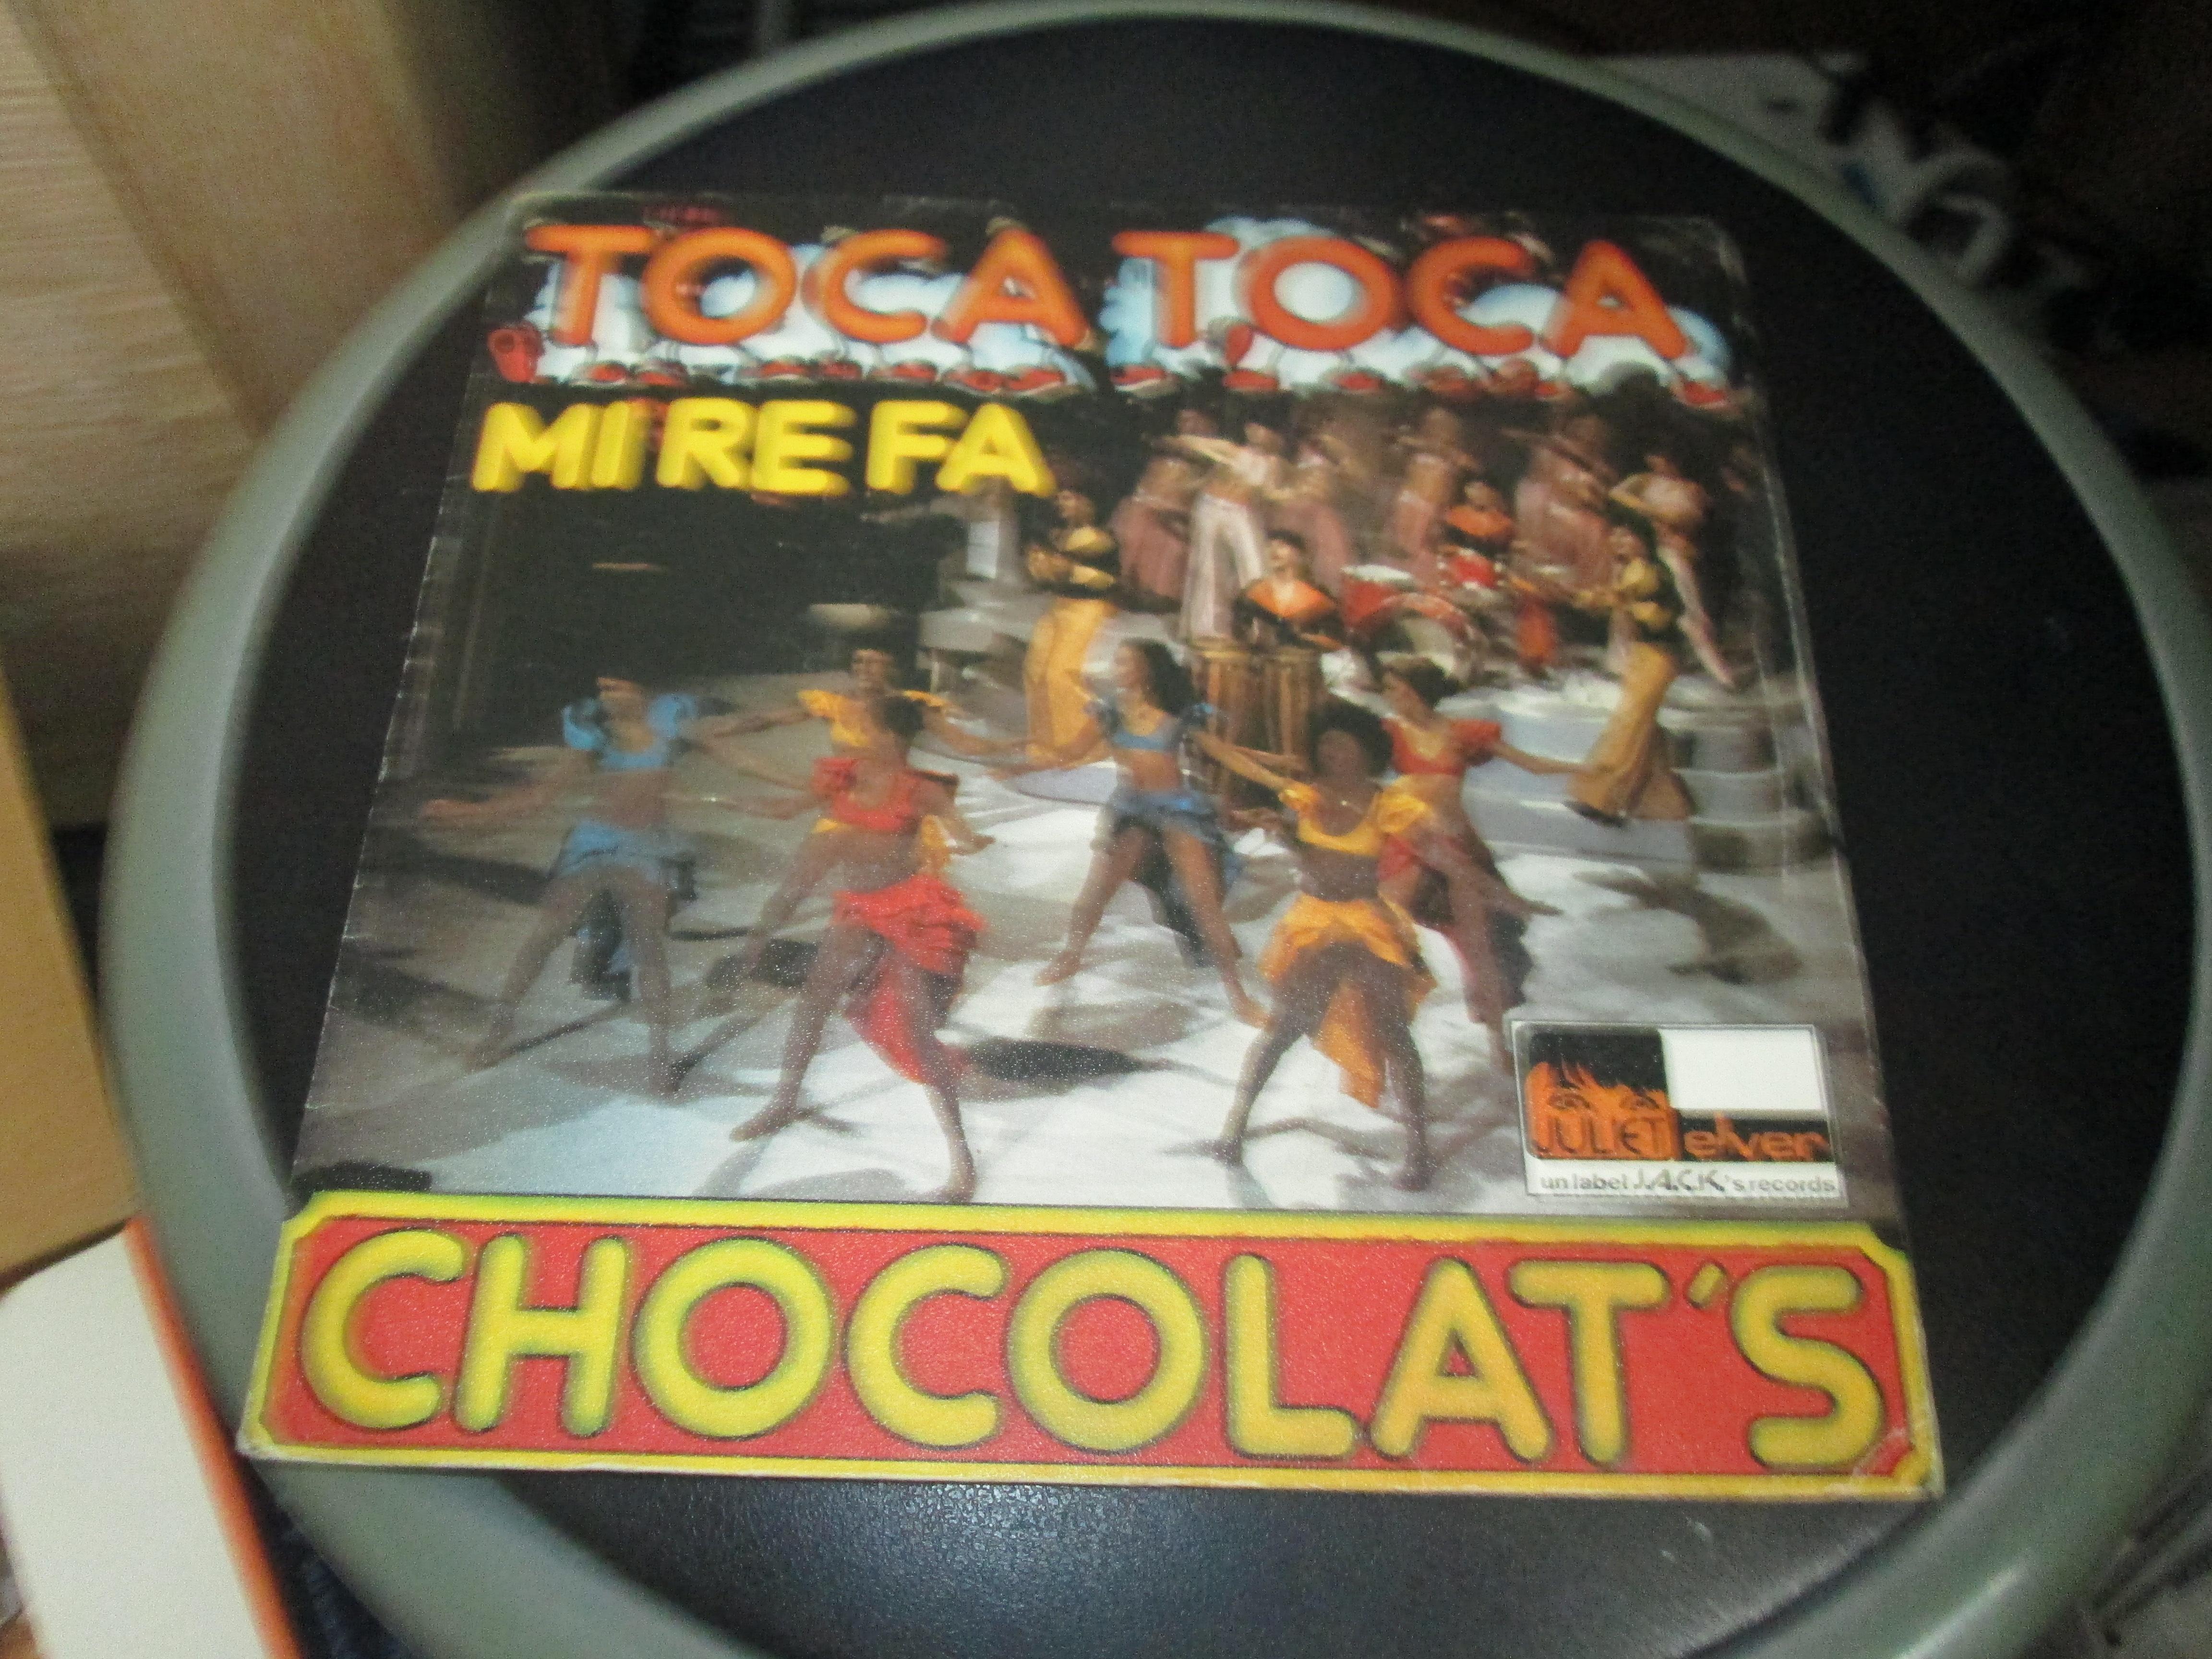 troc de troc vinyle 45 tours  chocolat's toca toca mirefa 3 noisettes image 0